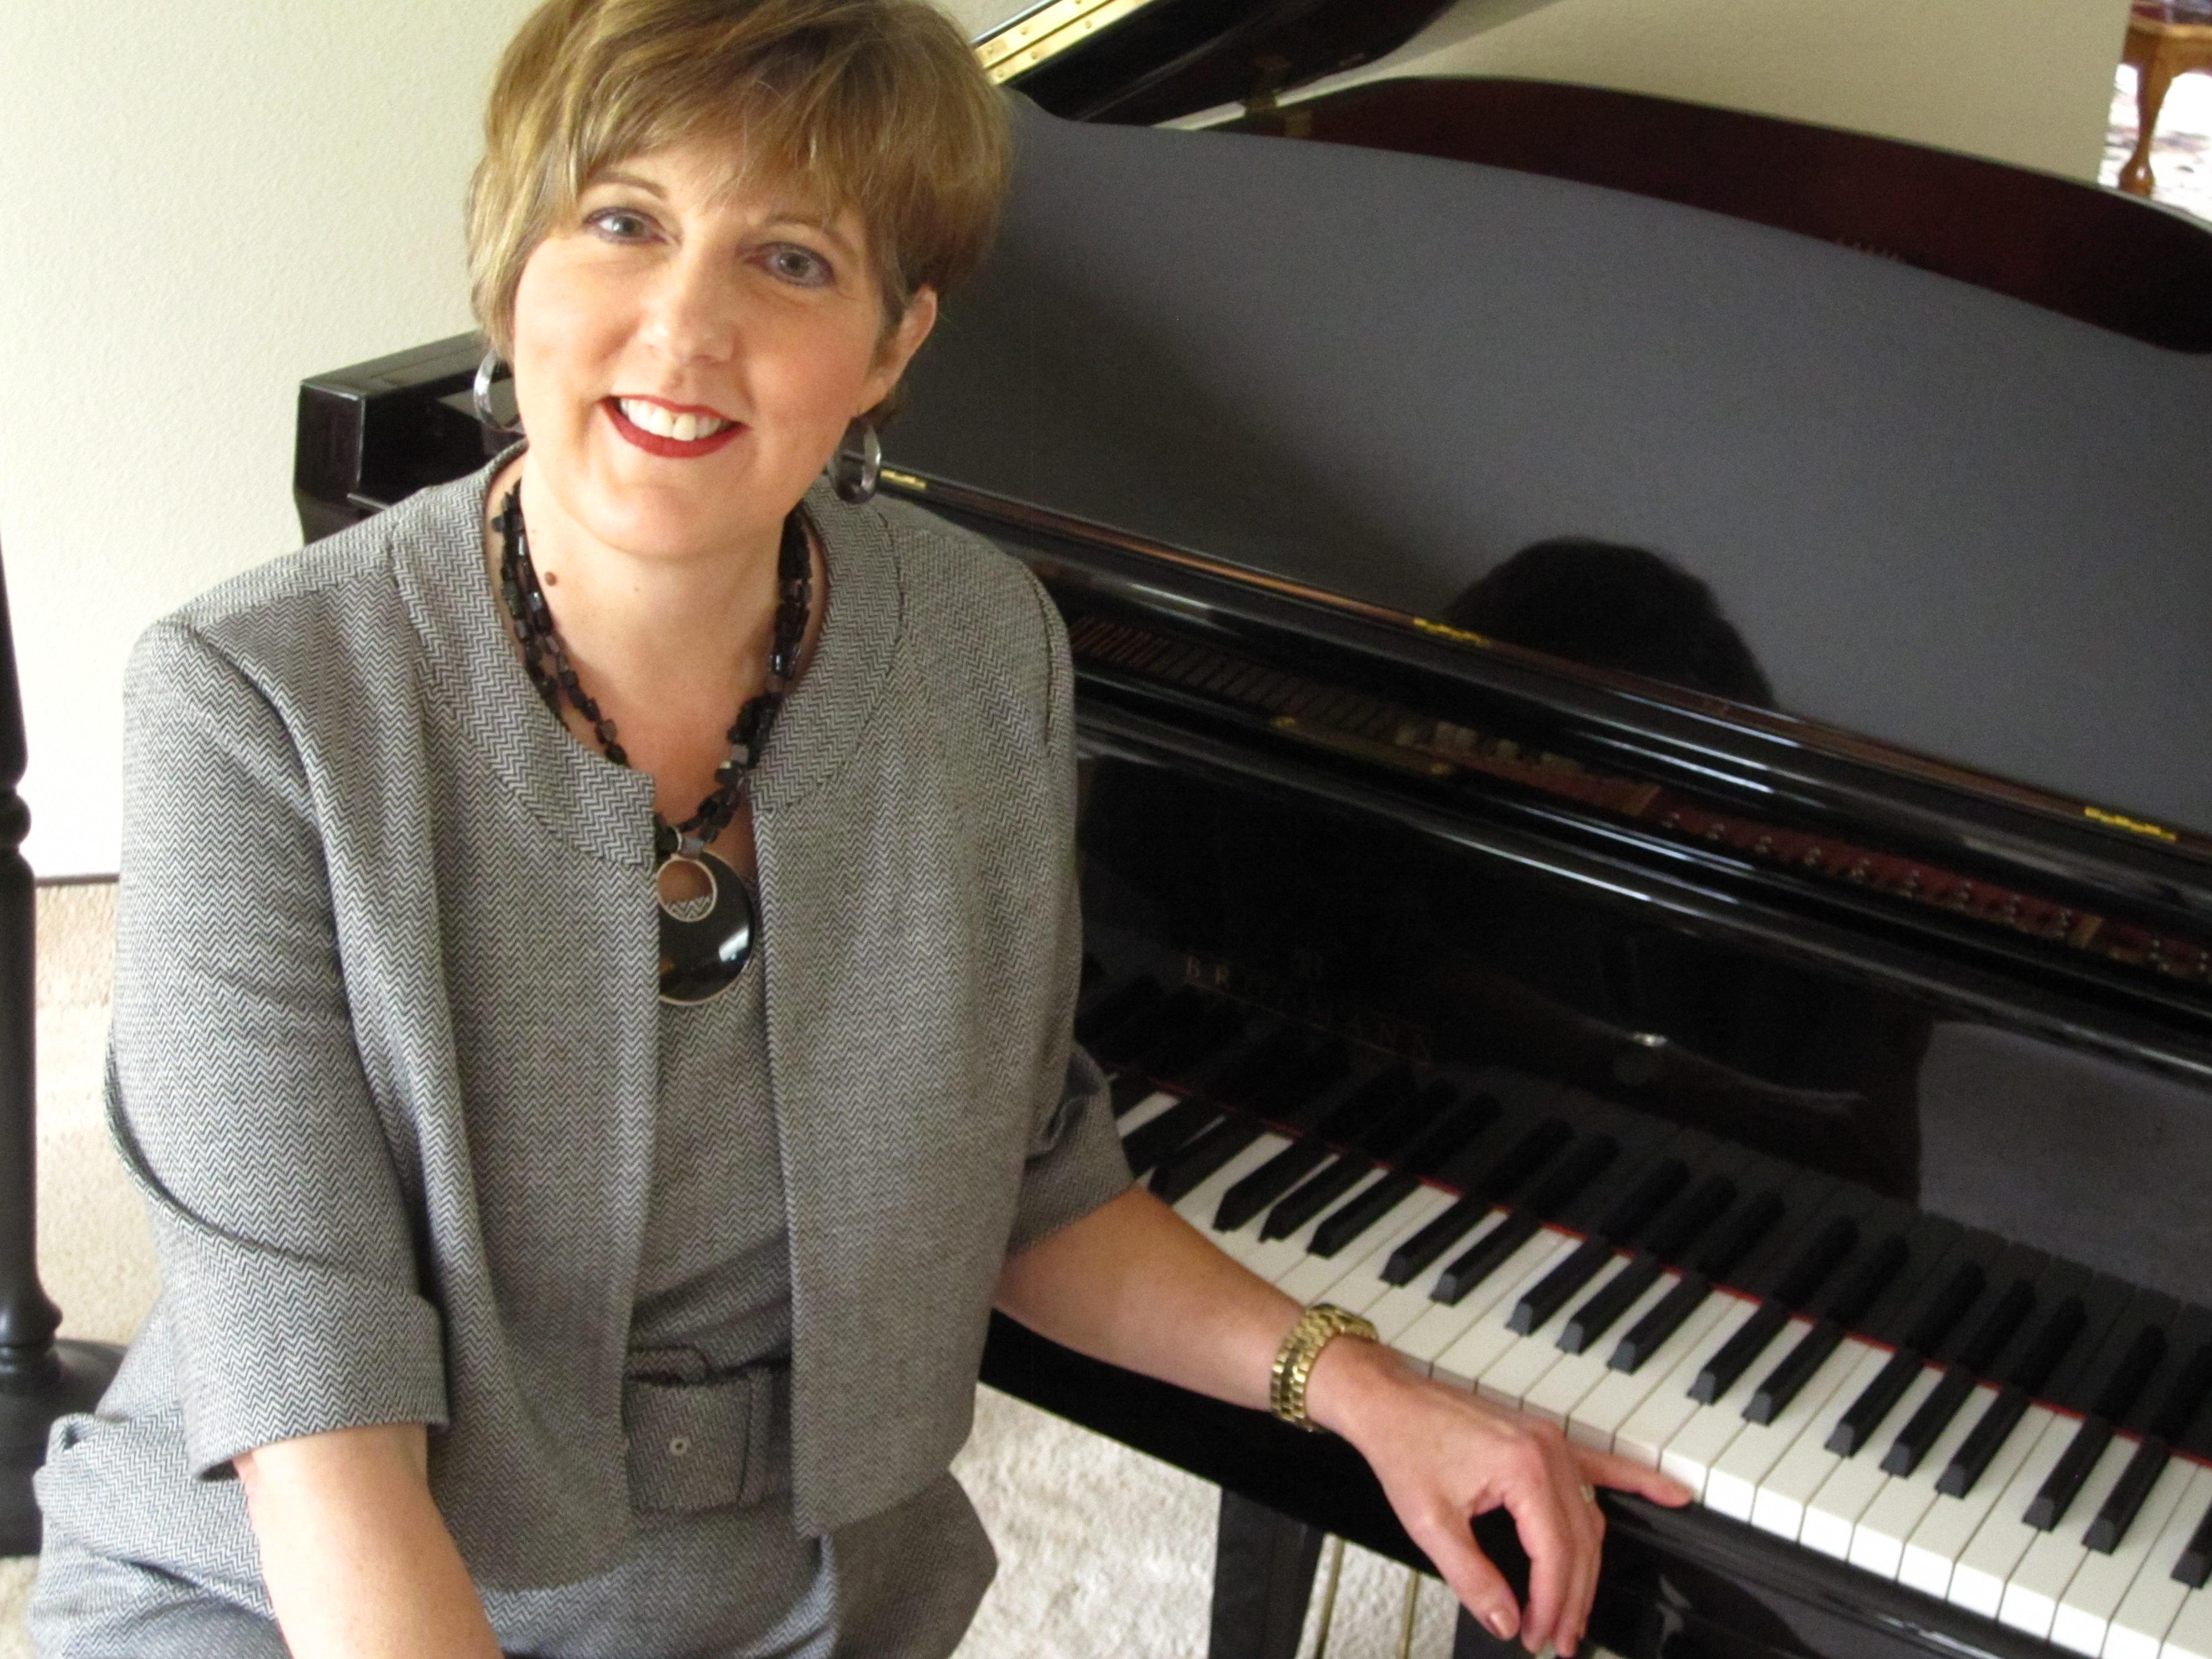 Joani Steck